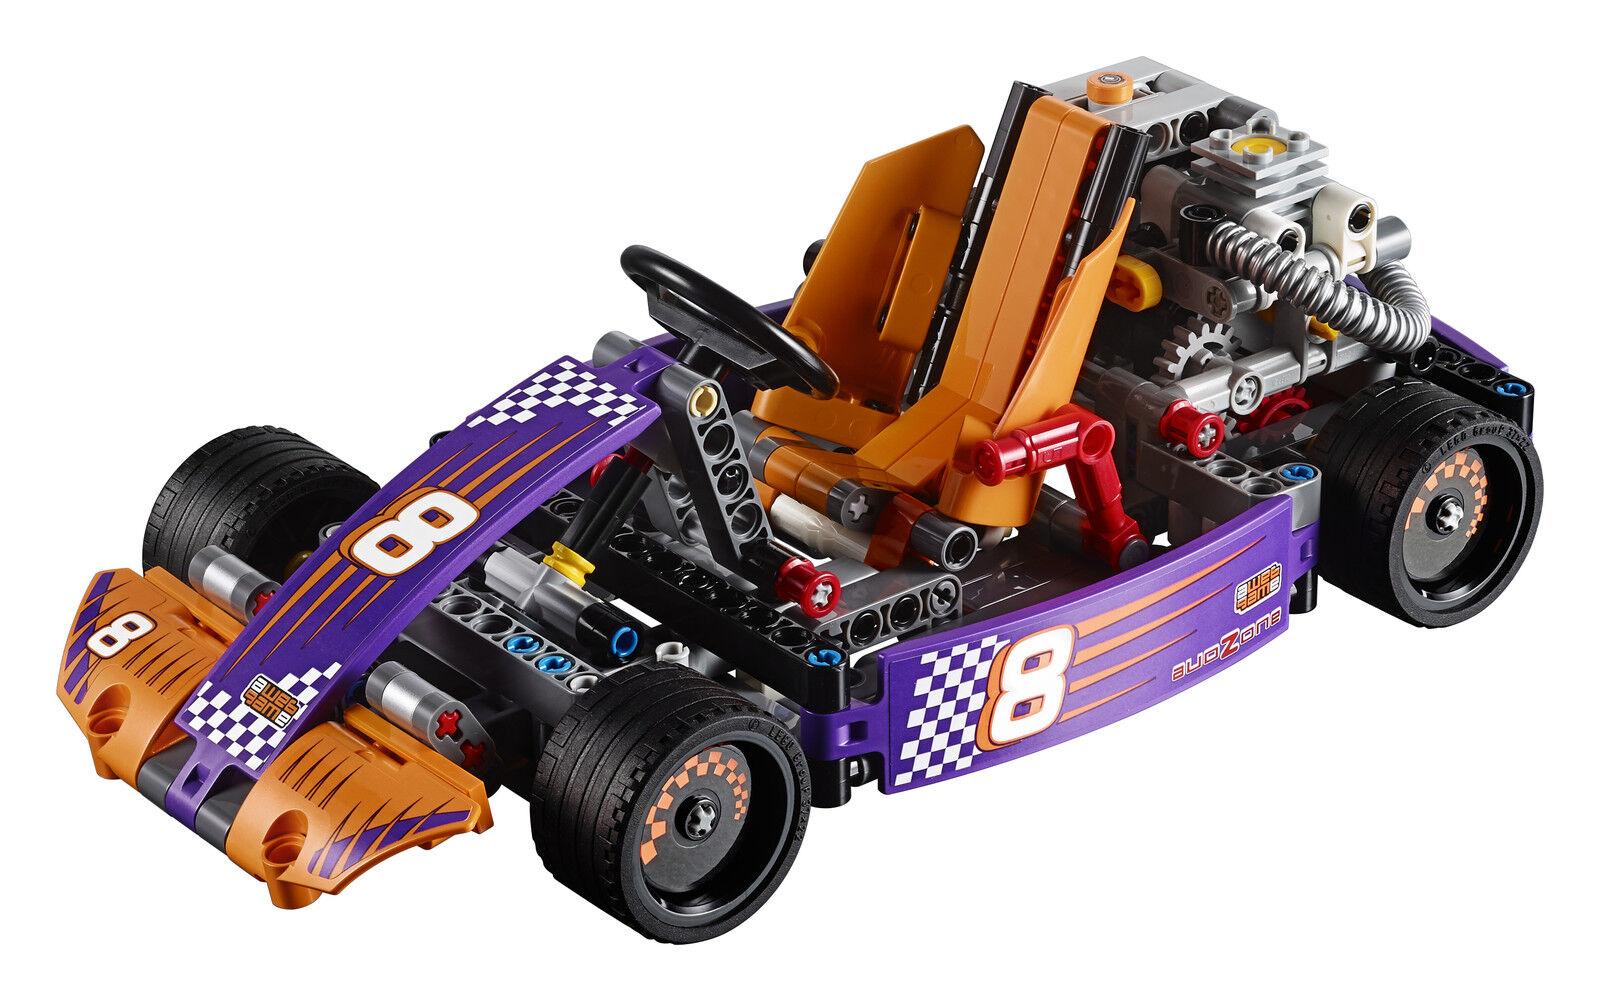 LEGO® Technic 42048 Renn-Kart NEU OVP_ OVP_ OVP_ Race Kart NEW MISB NRFB 5c35e9